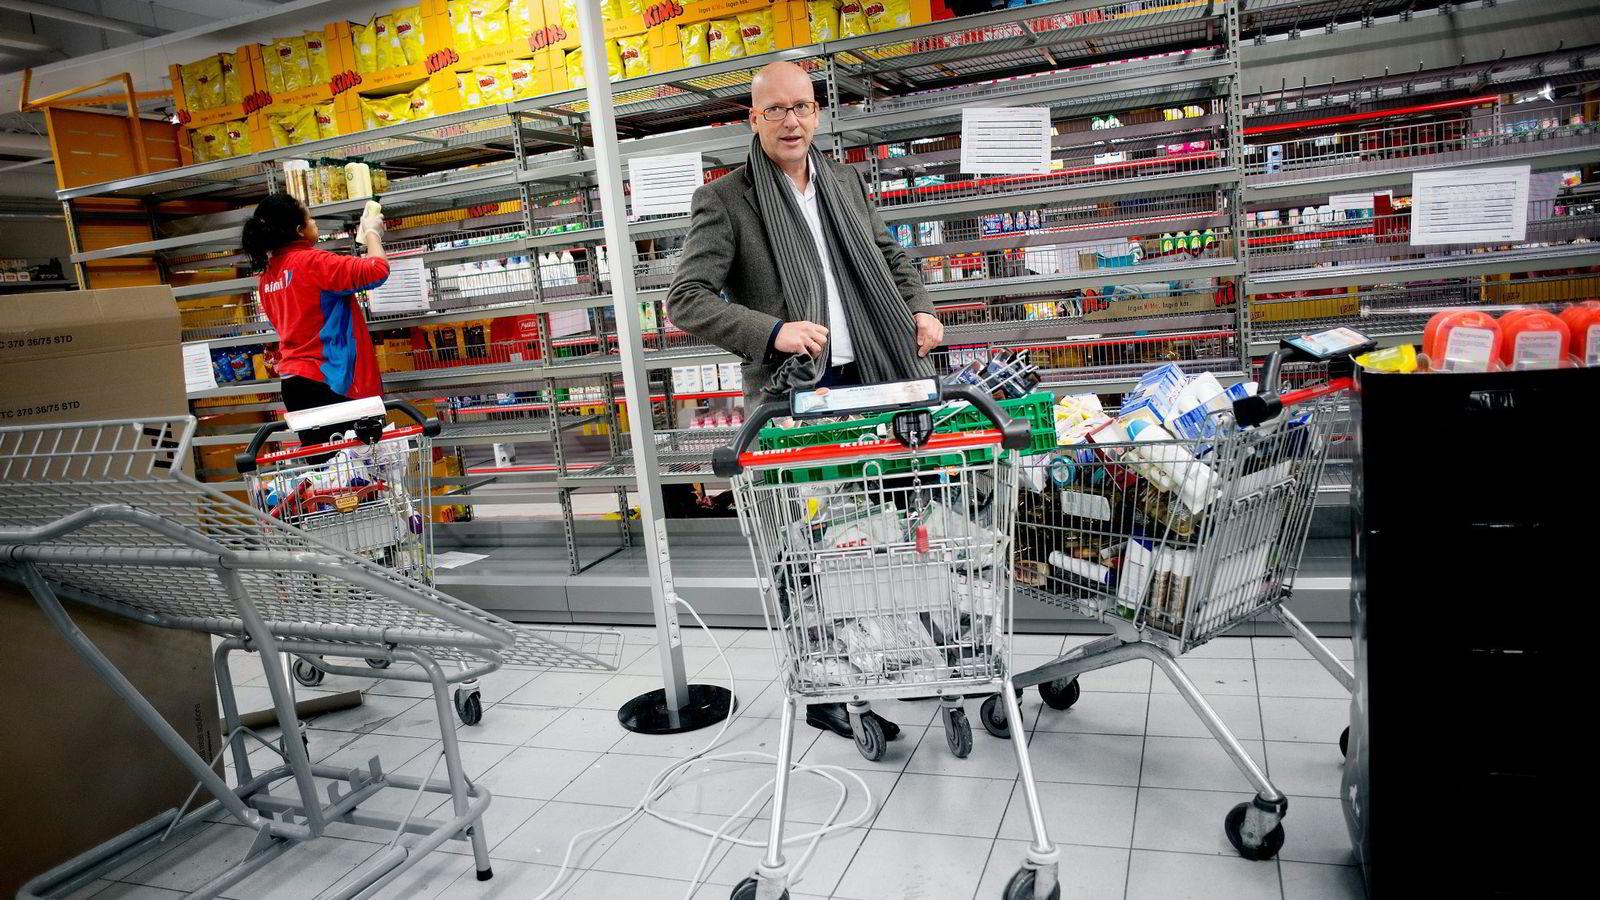 Med oppkjøpet av Ica ble Coop Norges nest største dagligvareselskap. Konsernsjef Geir Inge Stokke mener handelen var veldig god.